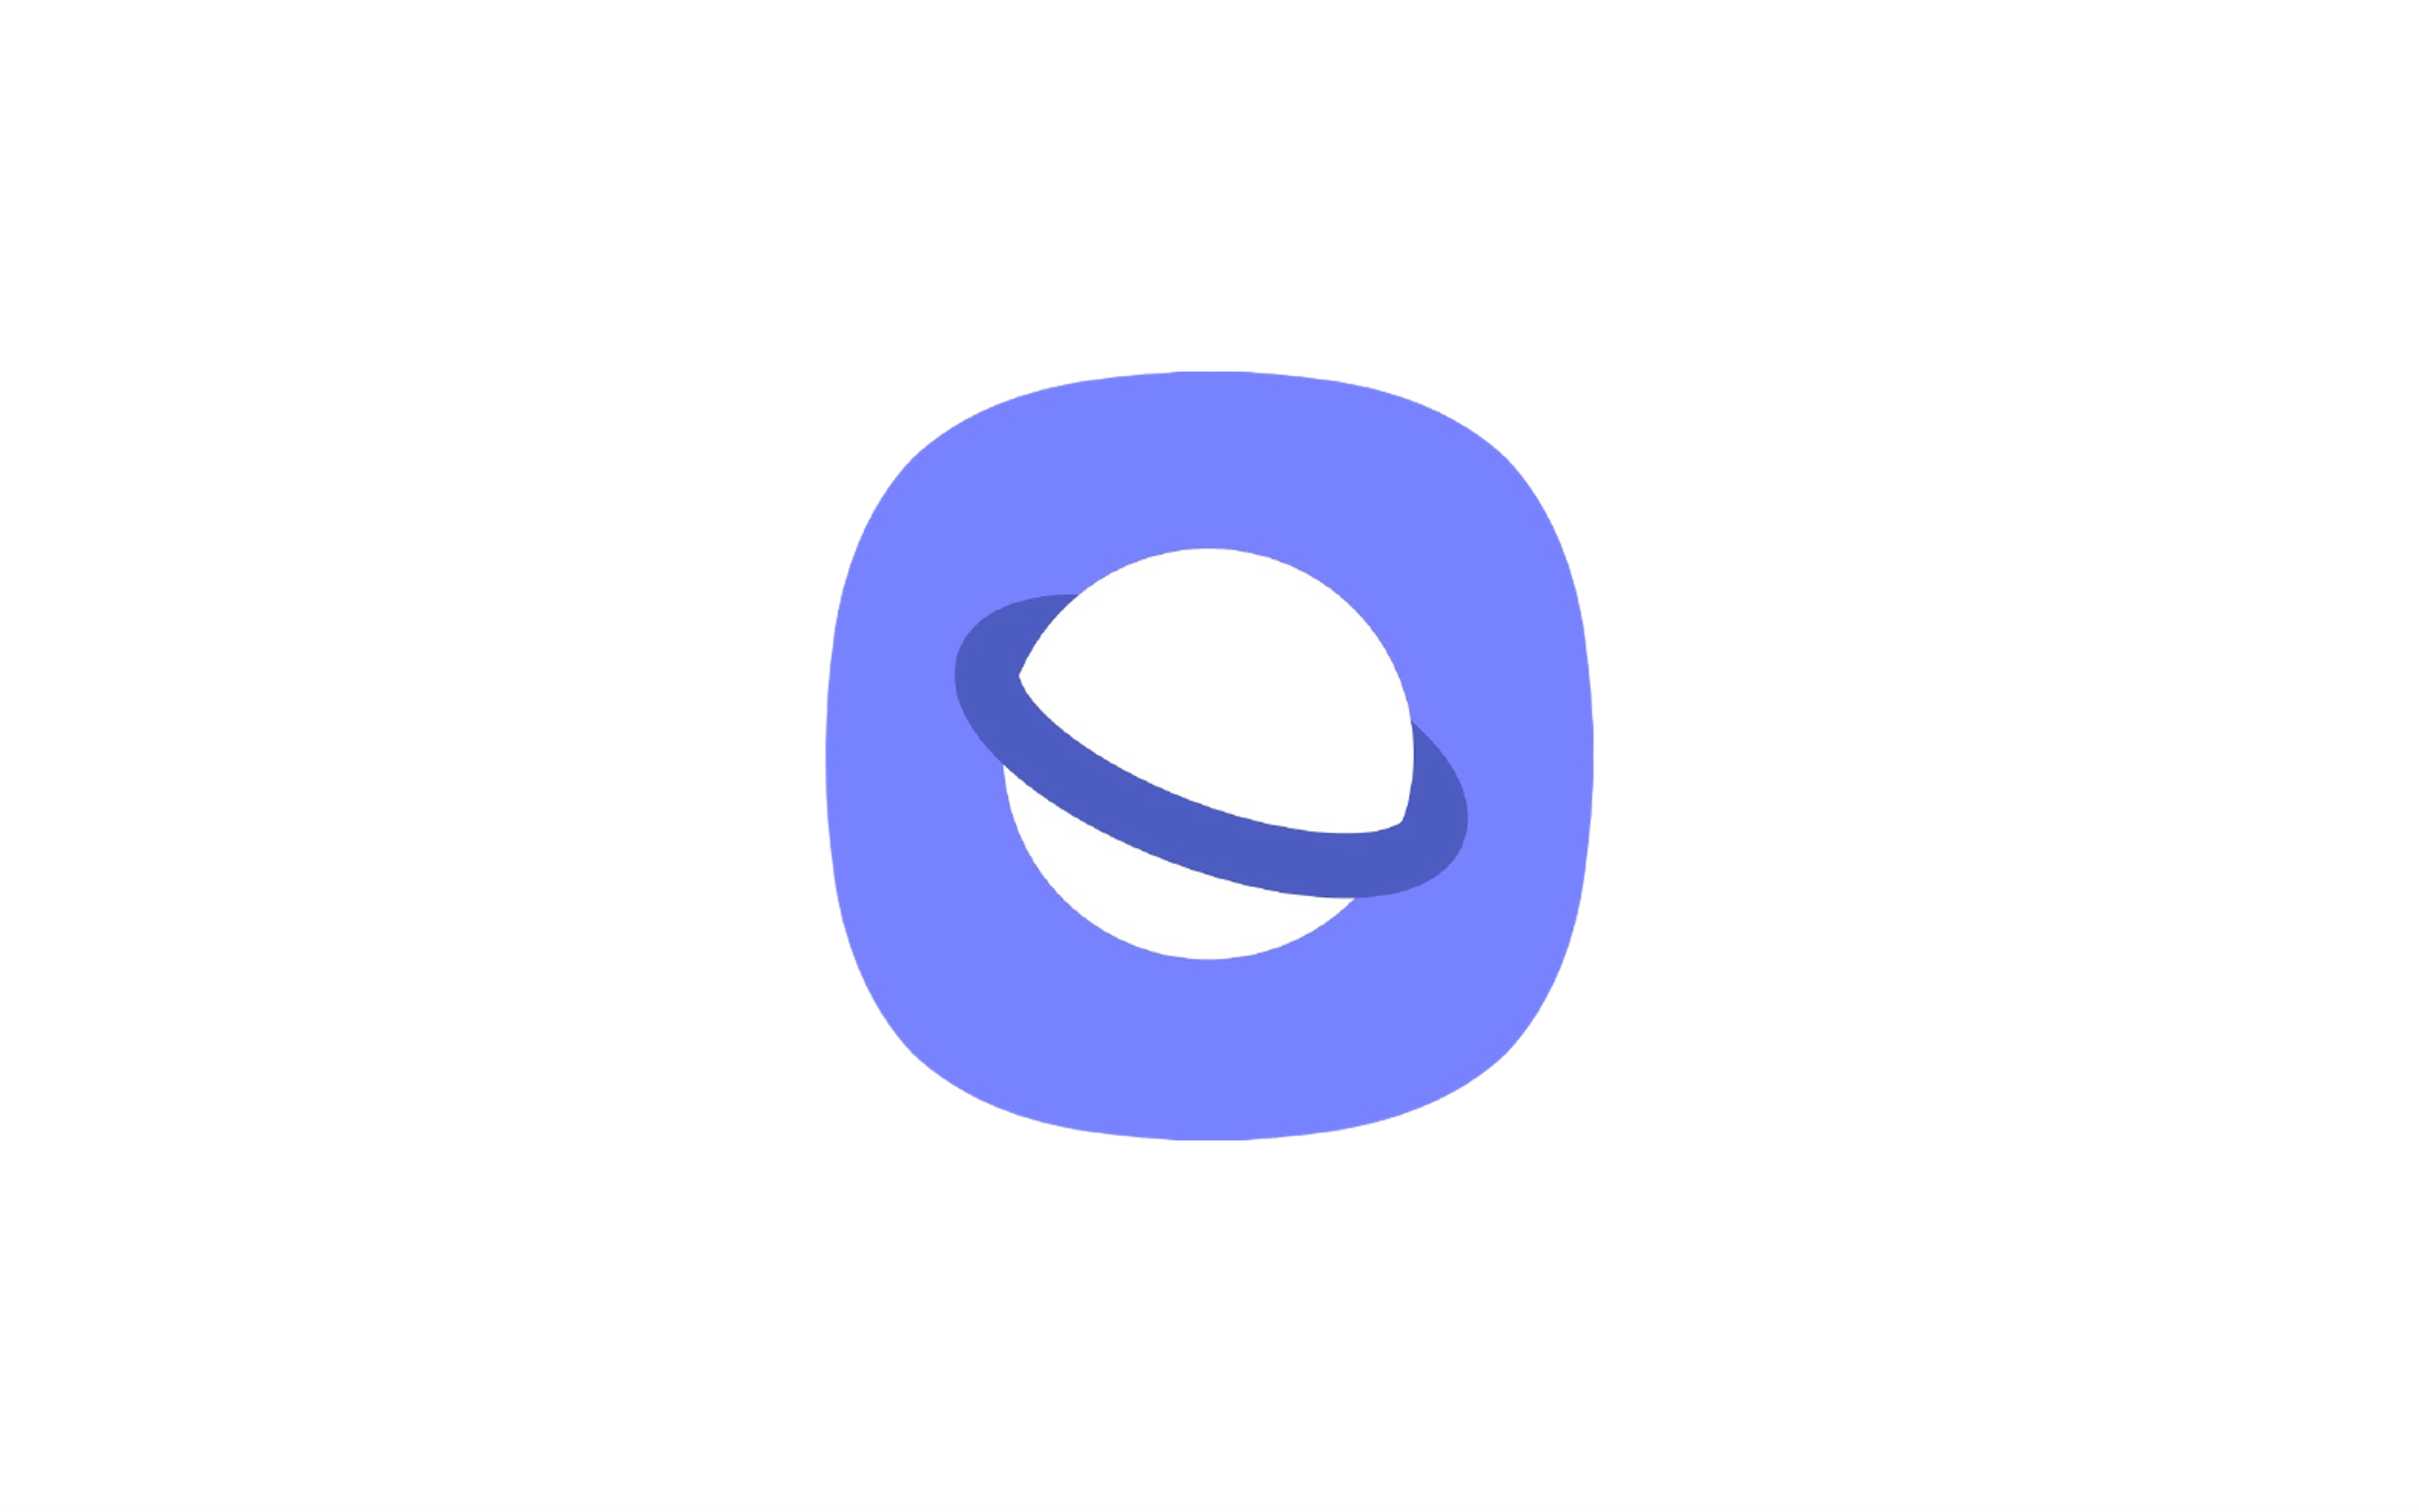 삼성 브라우저 로고 아이콘